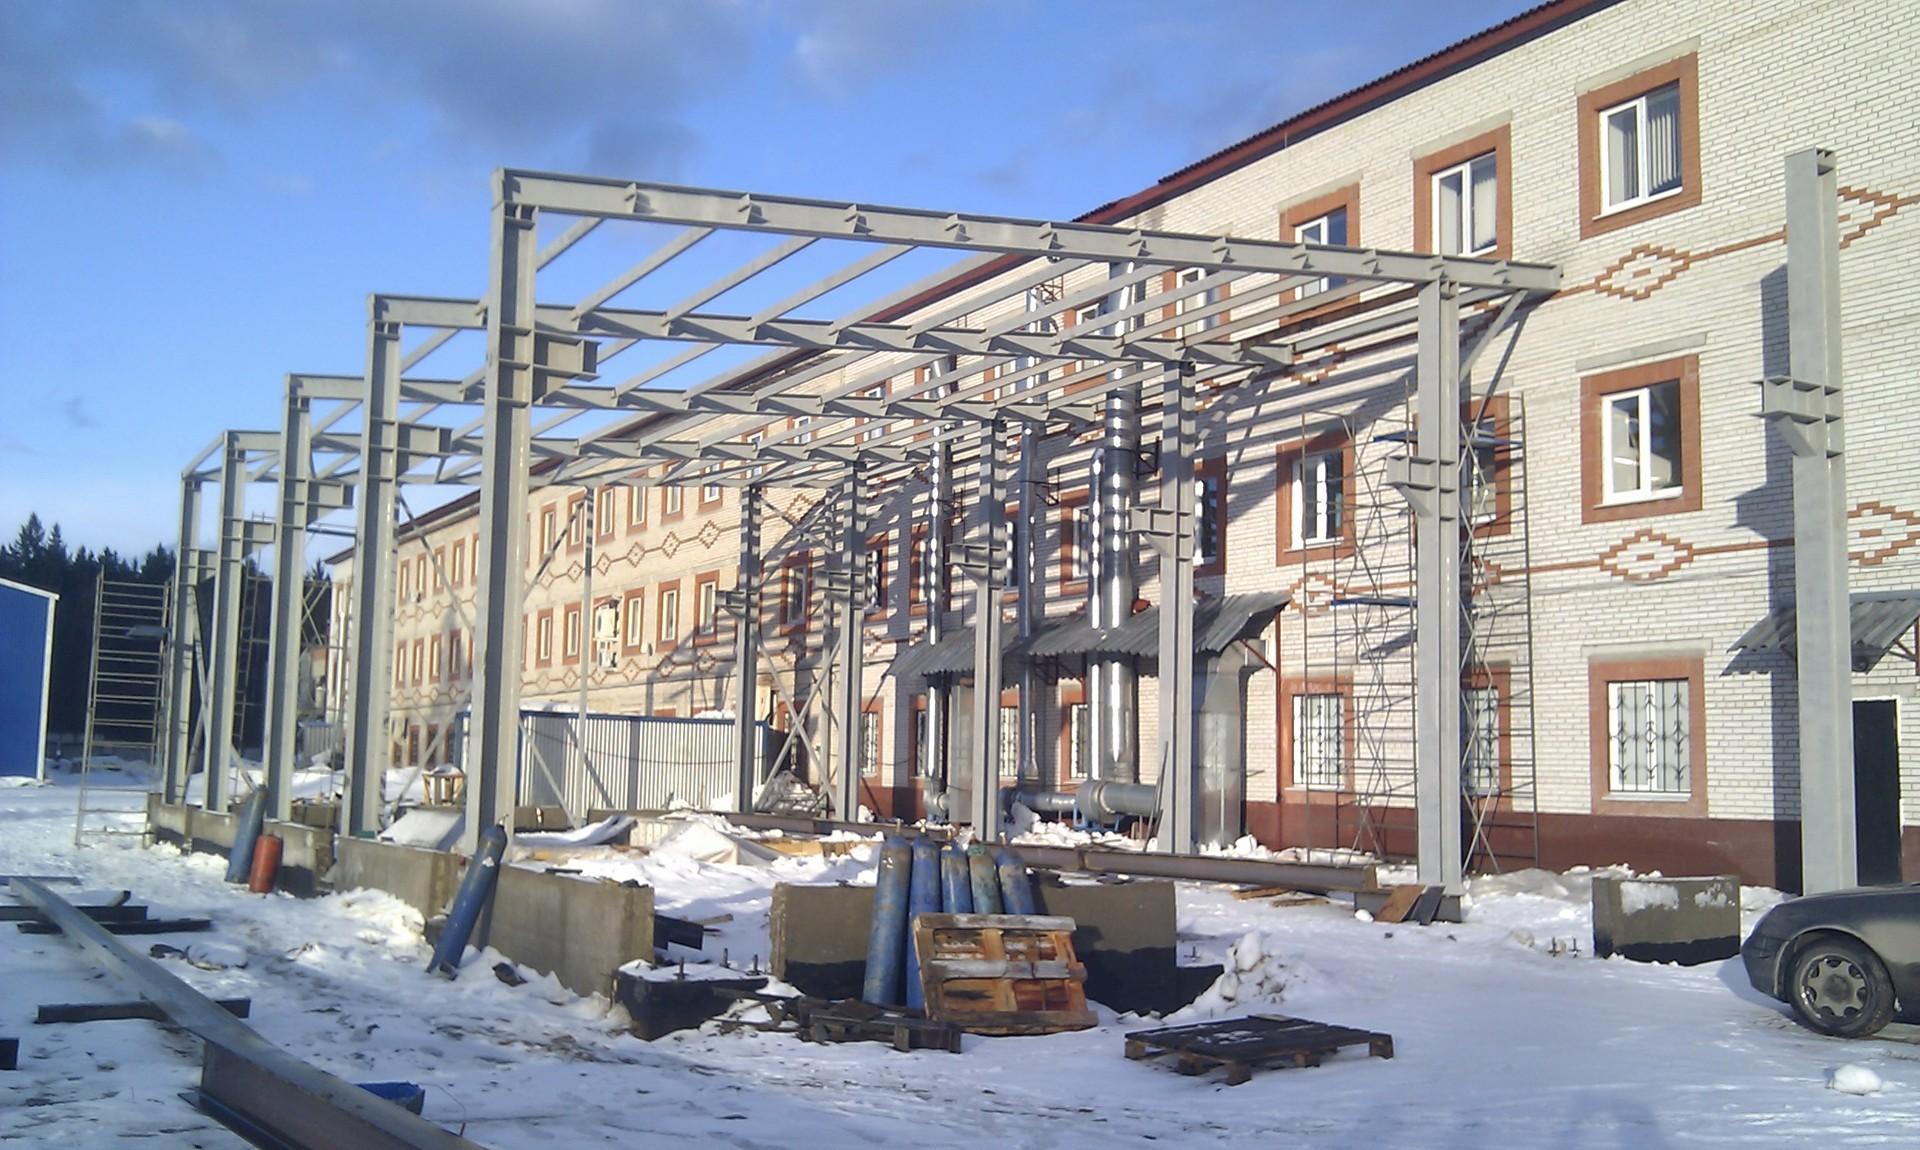 Пристройка предусматривает увеличение объема и площади исходного здания. Поэтому ее нужно согласовать в виде реконструкции.